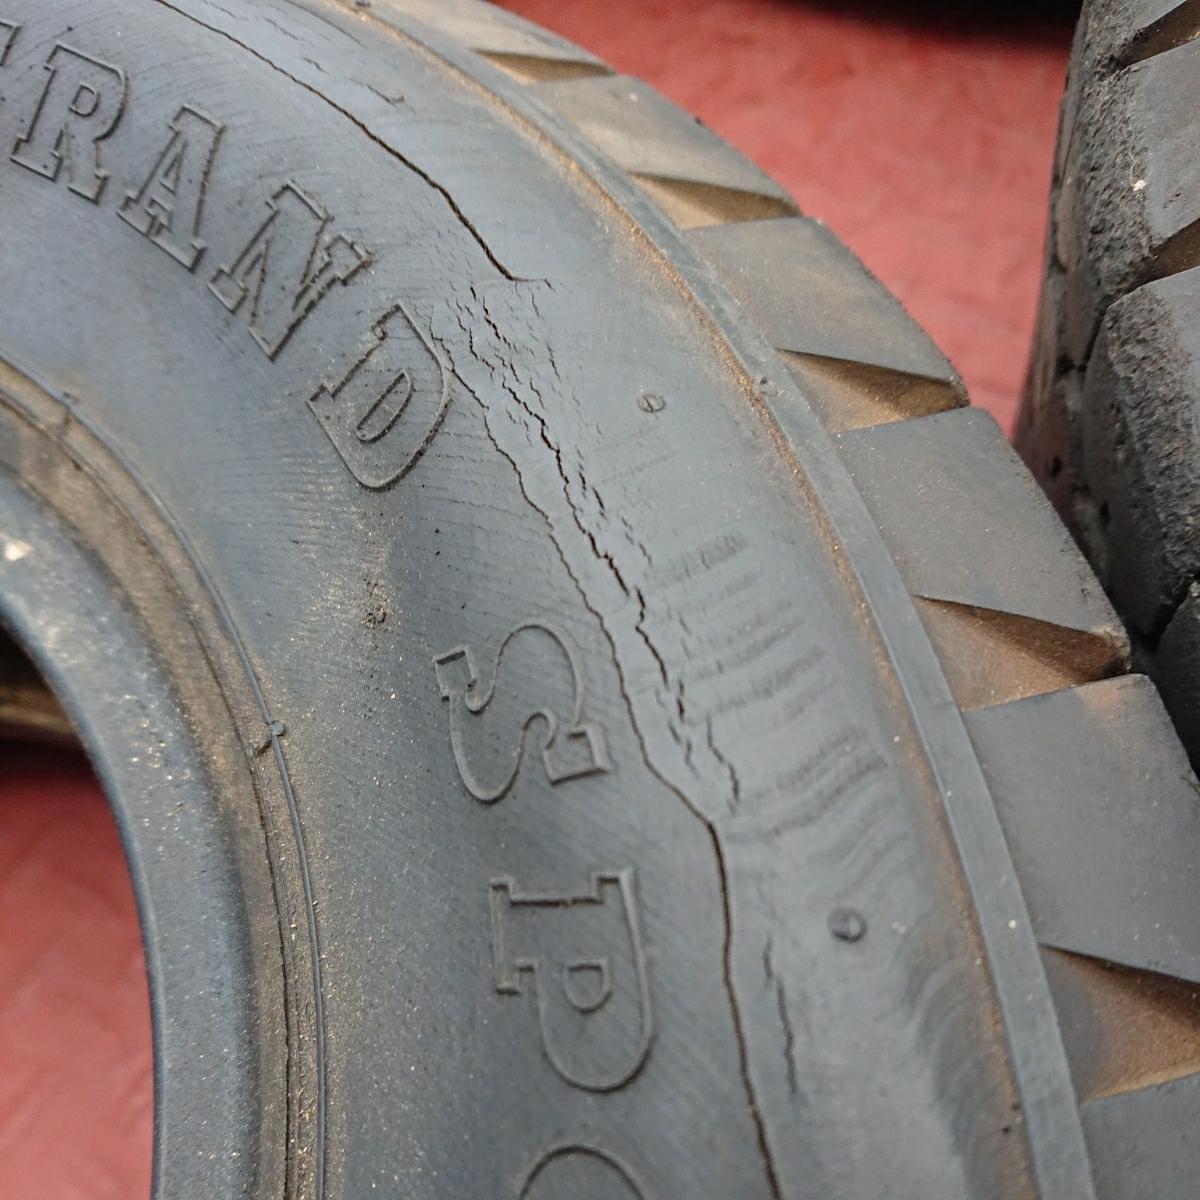 ダンロップ G5 4本セット 520-10 中古タイヤ ローバーミニ_画像2